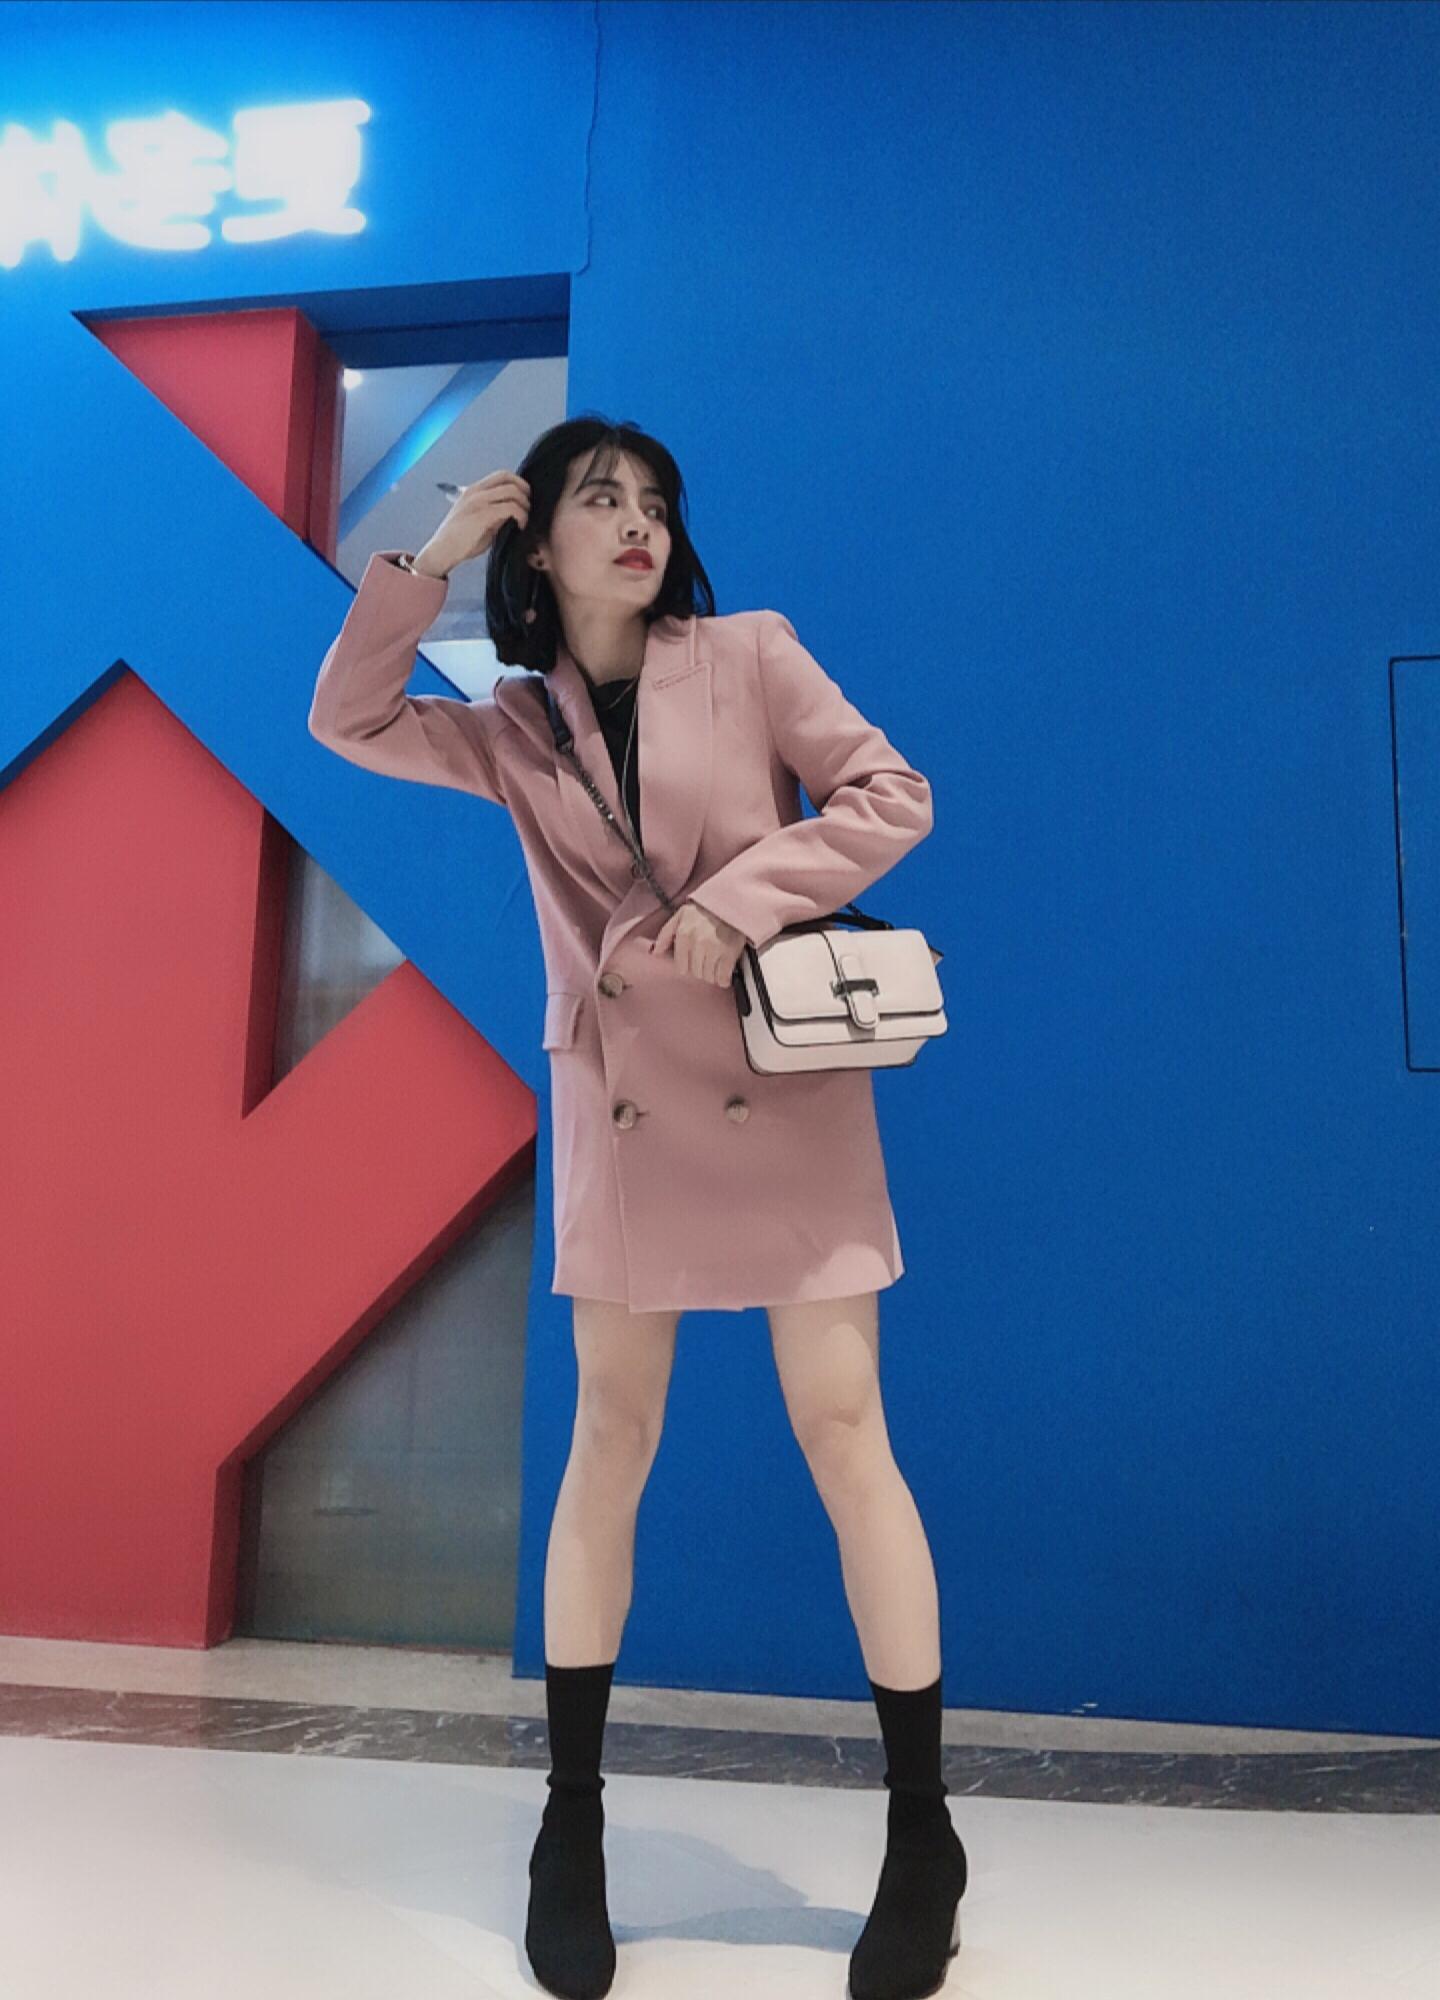 #11.11购齐秋冬流行色#粉色西装套装是今年一入秋就入的了,随着年纪增长慢慢越来越喜欢粉色了有木有,嘿嘿。 西装:公主殿下de衣橱,价格200+,西装面料毛呢外套,非常划算实惠,版型很正哦! 袜筒靴:zara.也是今年非常流行的粗跟袜筒靴单品之一,亮点在跟上面,银色亮亮的嘿嘿帅气,也不贵哦,300+ 包包:也是粉色啦,不过是朋友送的,H&M家的,东西也很实惠,应该不出200+。 这套穿起来非常小女人味,还带点帅气的赶脚,显得腿长,腿长穿专业户在此,160+身高小个子美美看过来哦